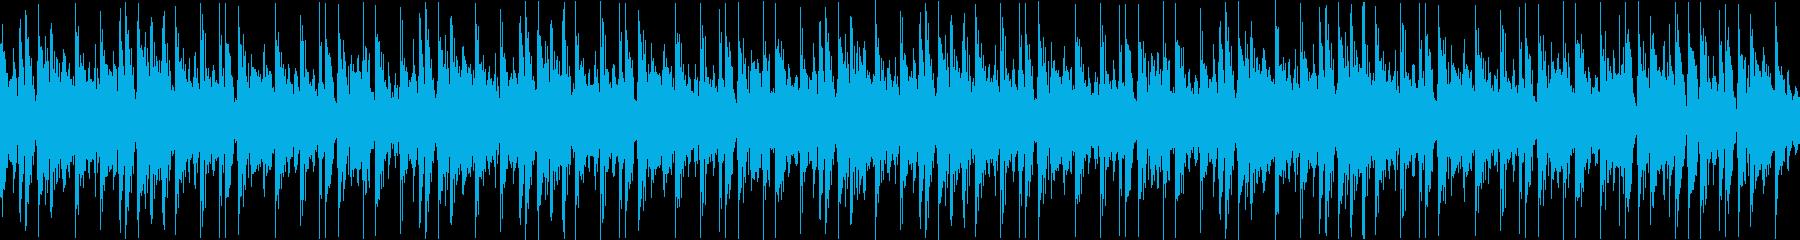 SF_ゲームでありそうなBGMの再生済みの波形